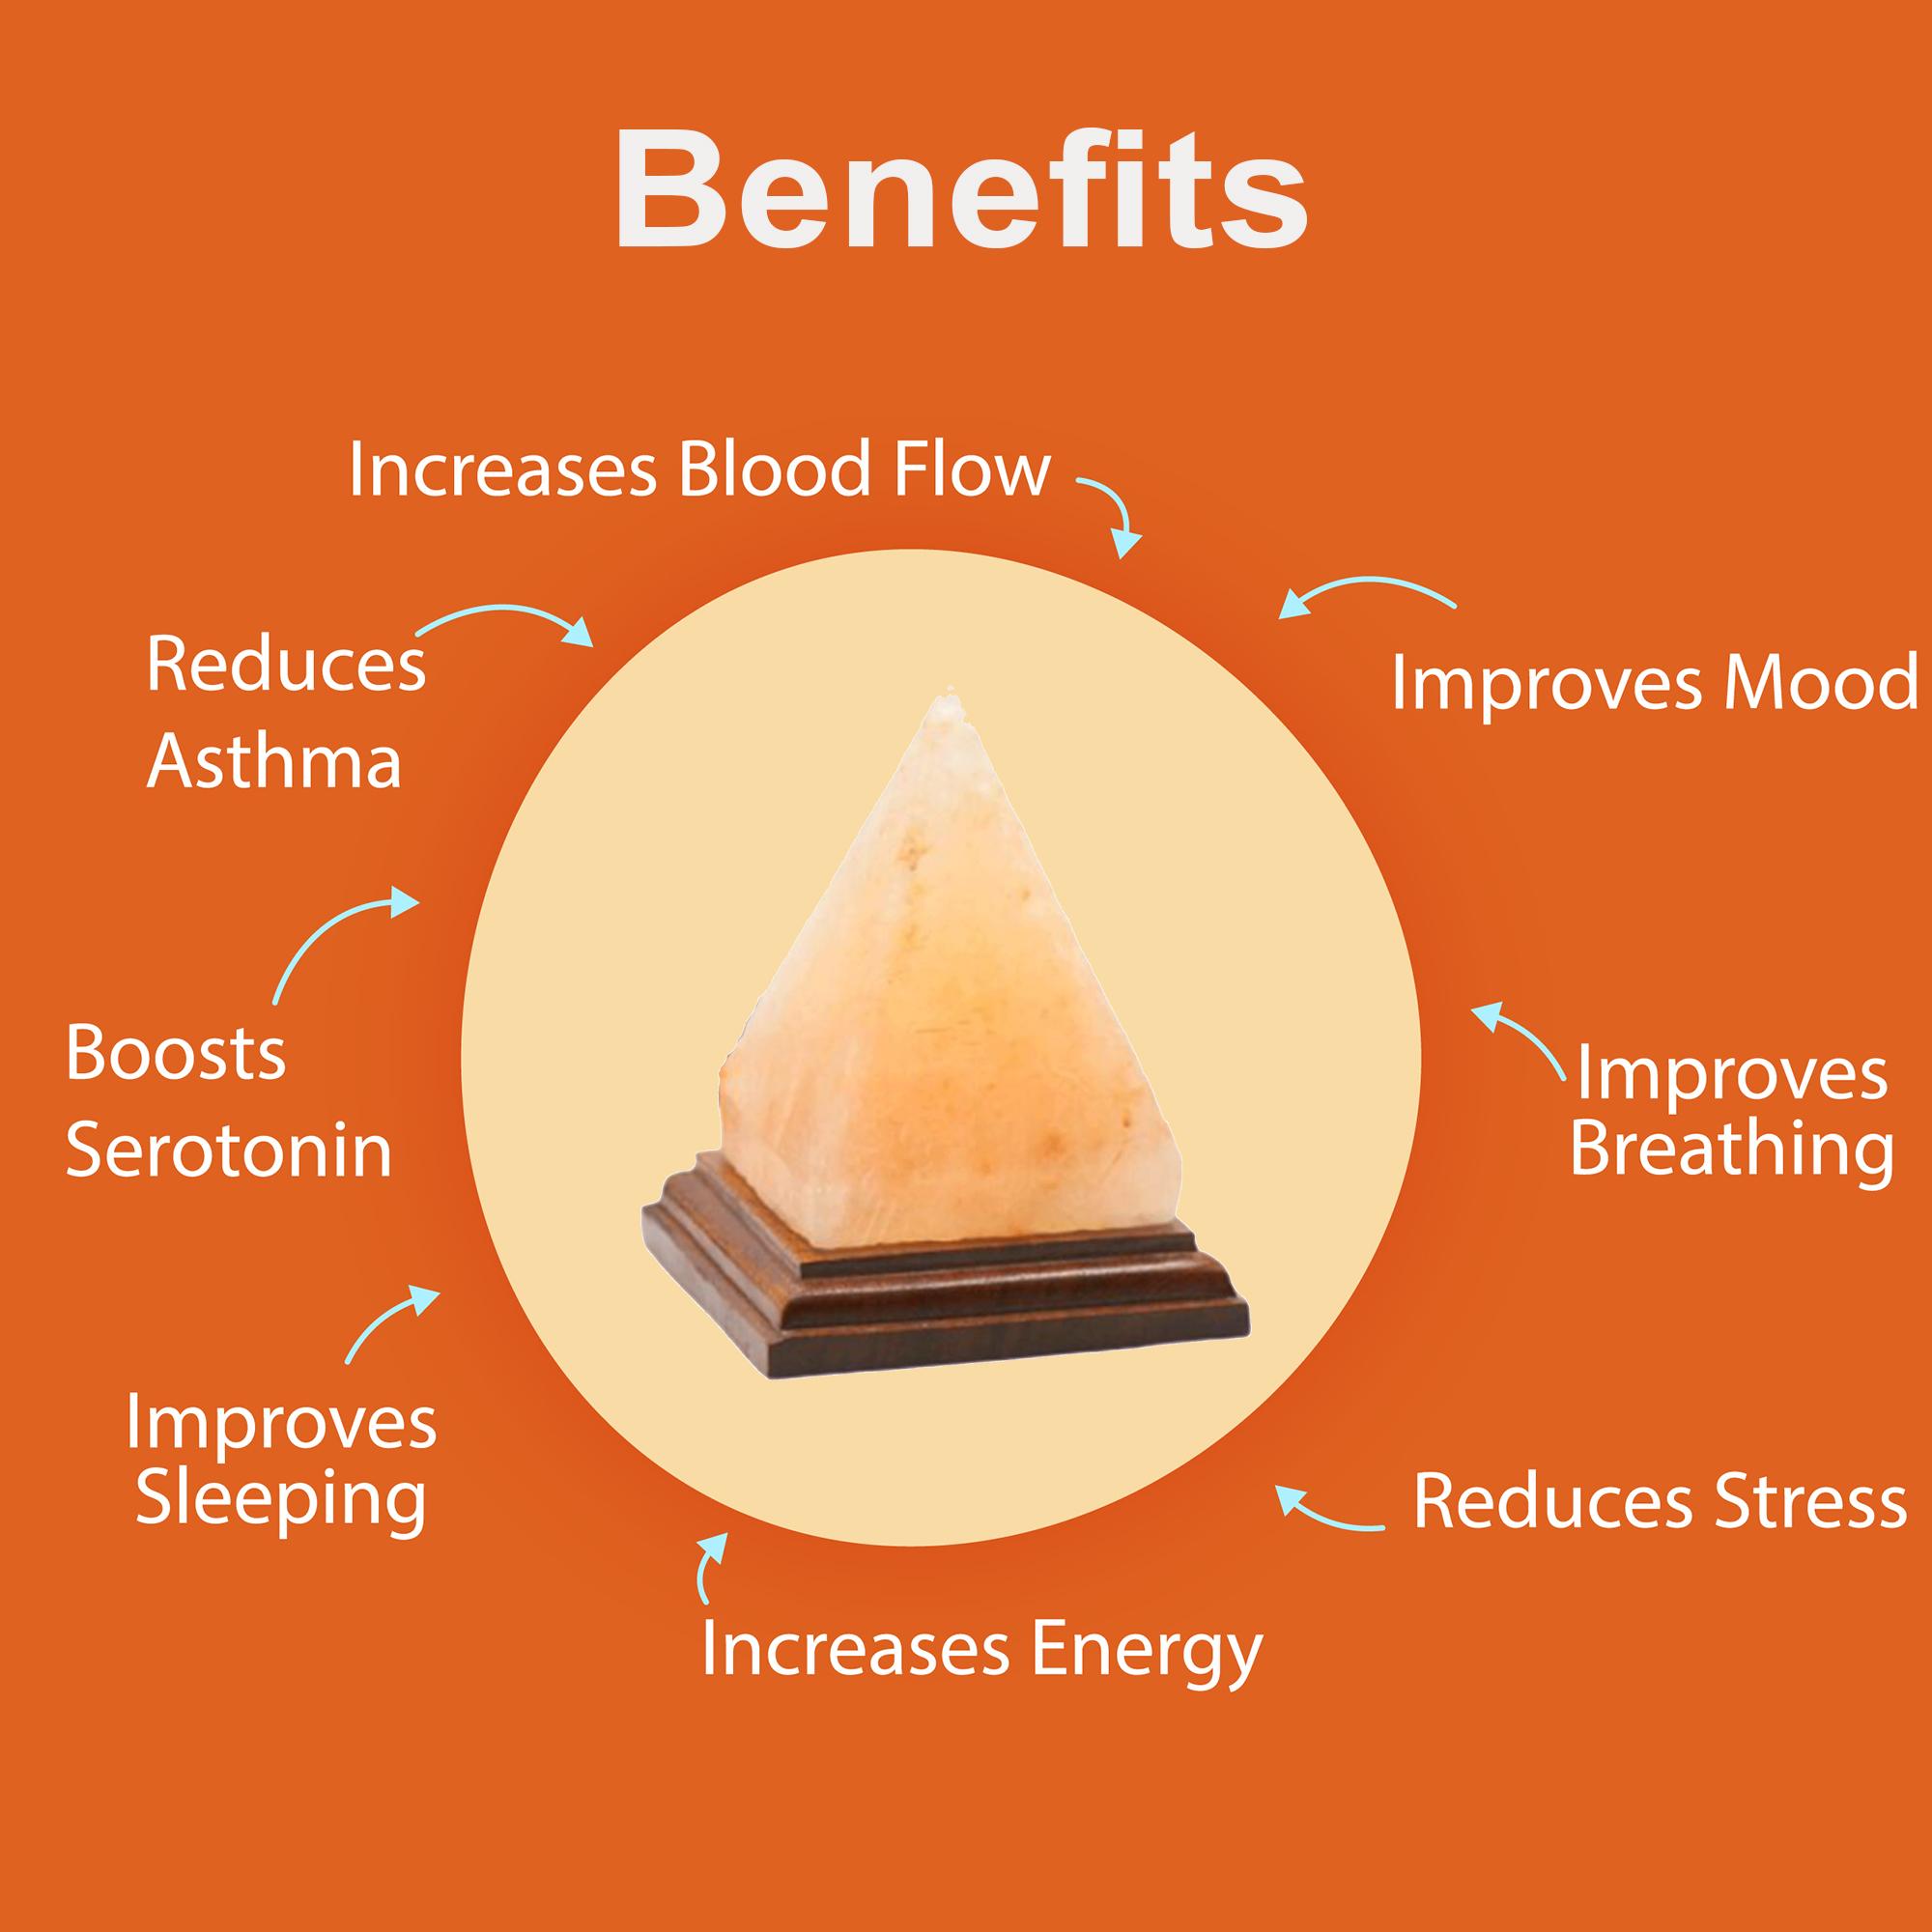 7 benefits 75 - Saltpur Himalayan Salts